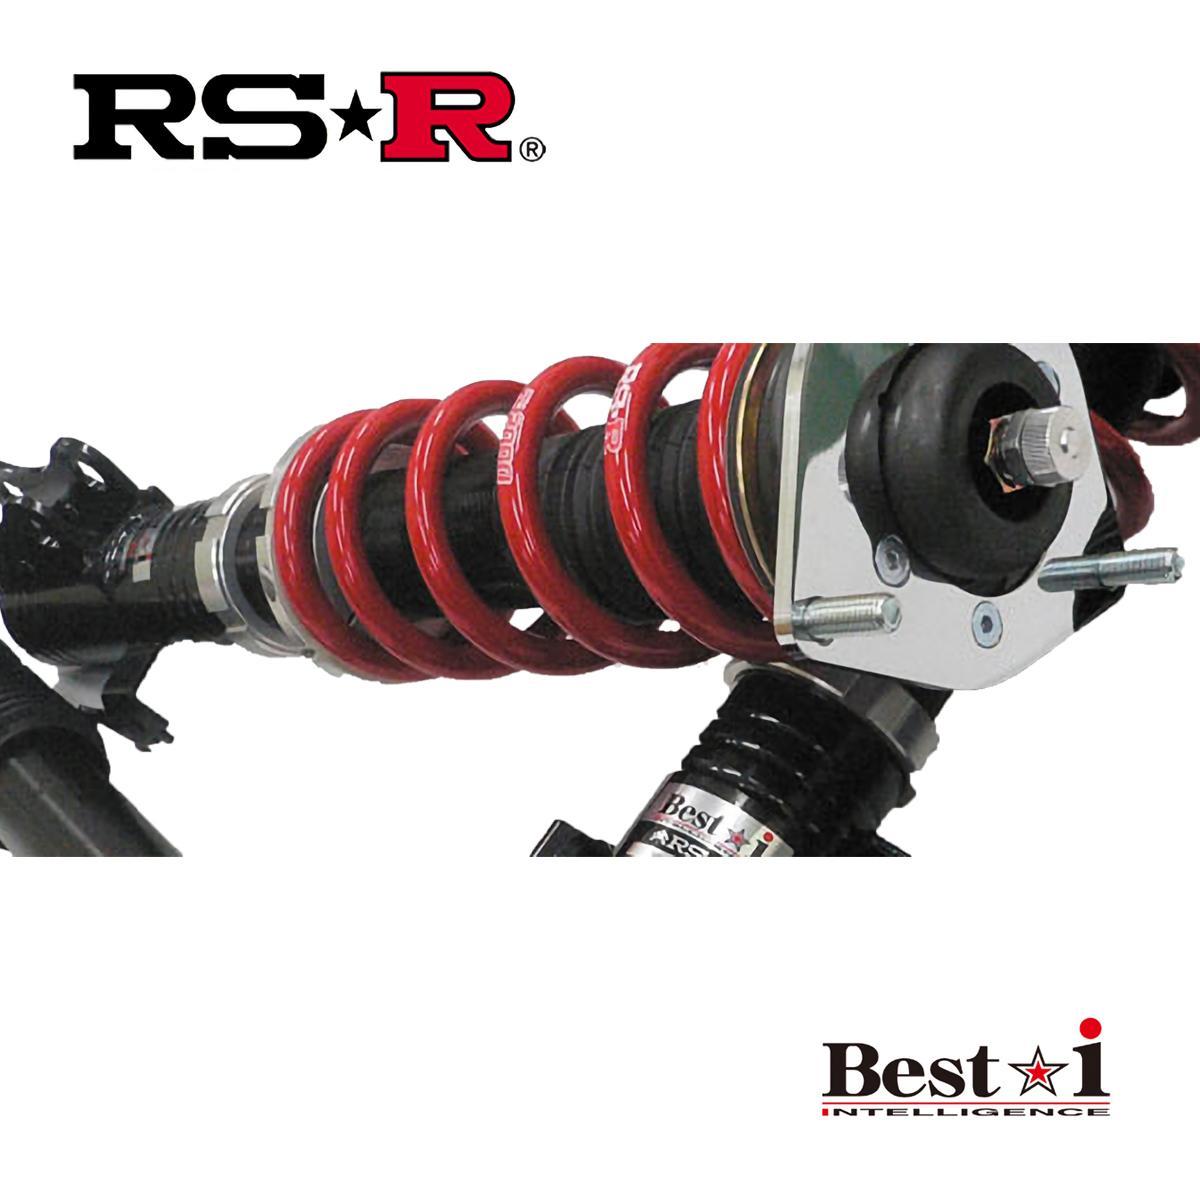 RS-R プリウス Sナビパッケージ ZVW52 車高調 リア車高調整:ネジ式/推奨バネレート仕様 BIT583M ベストi RSR 個人宅発送追金有